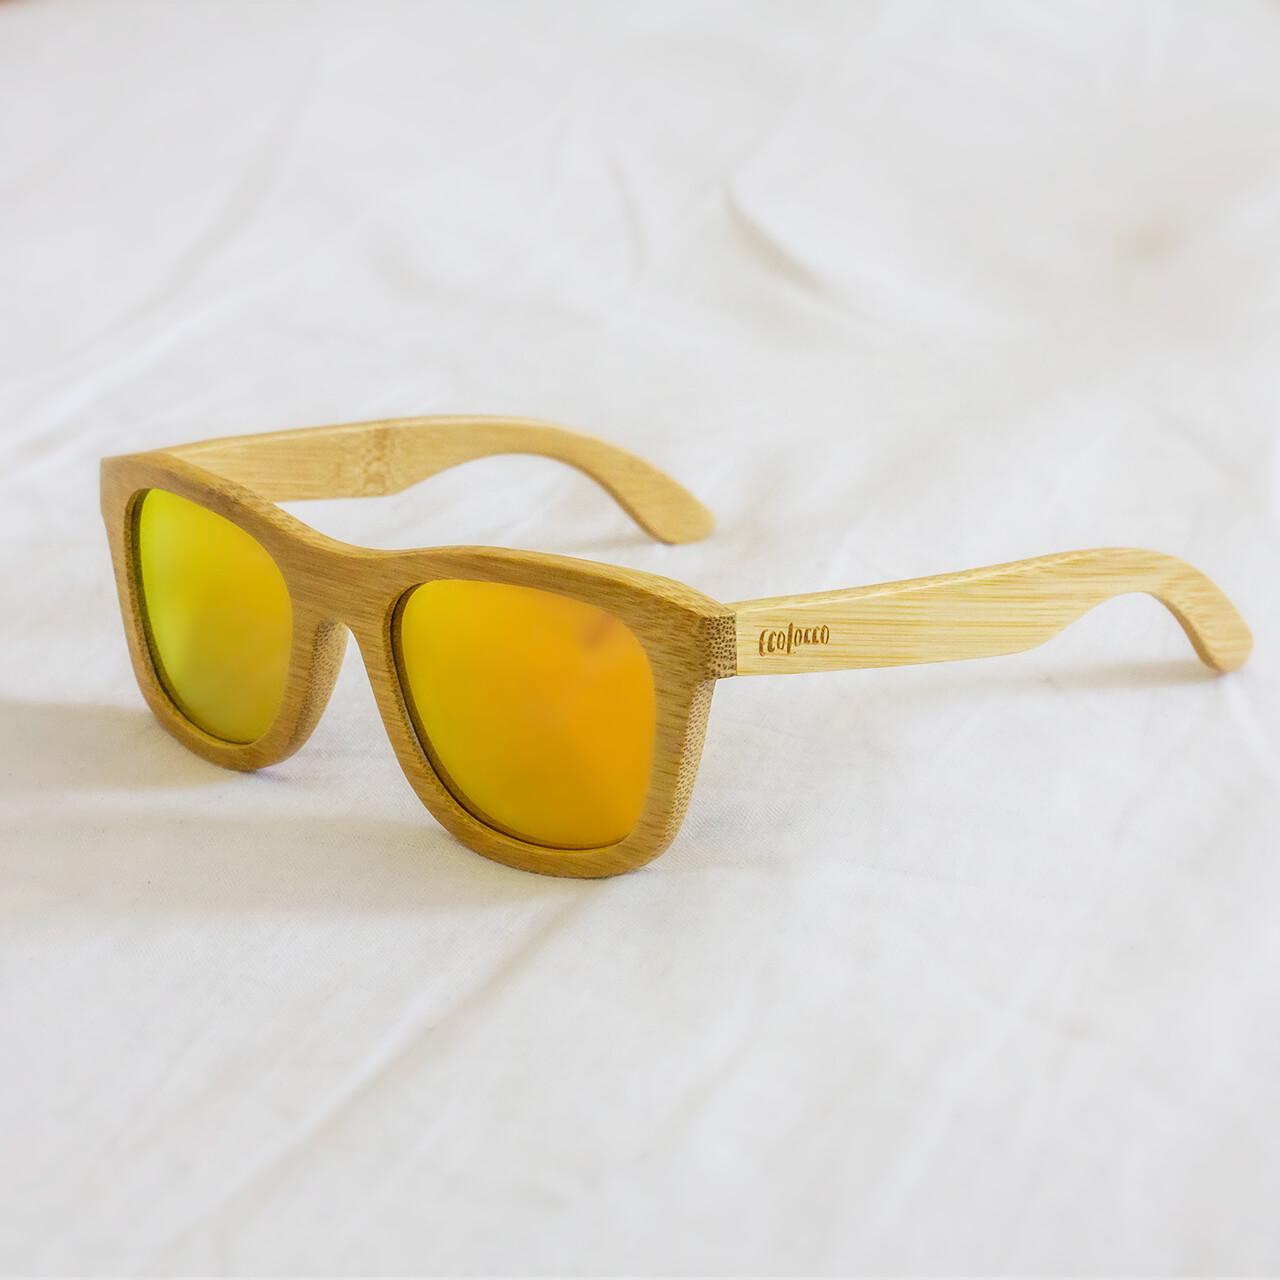 """fd4d28bd1 Bambusové slnečné okuliare s polarizačnými sklami """"Sunrise"""" – ecolocco"""